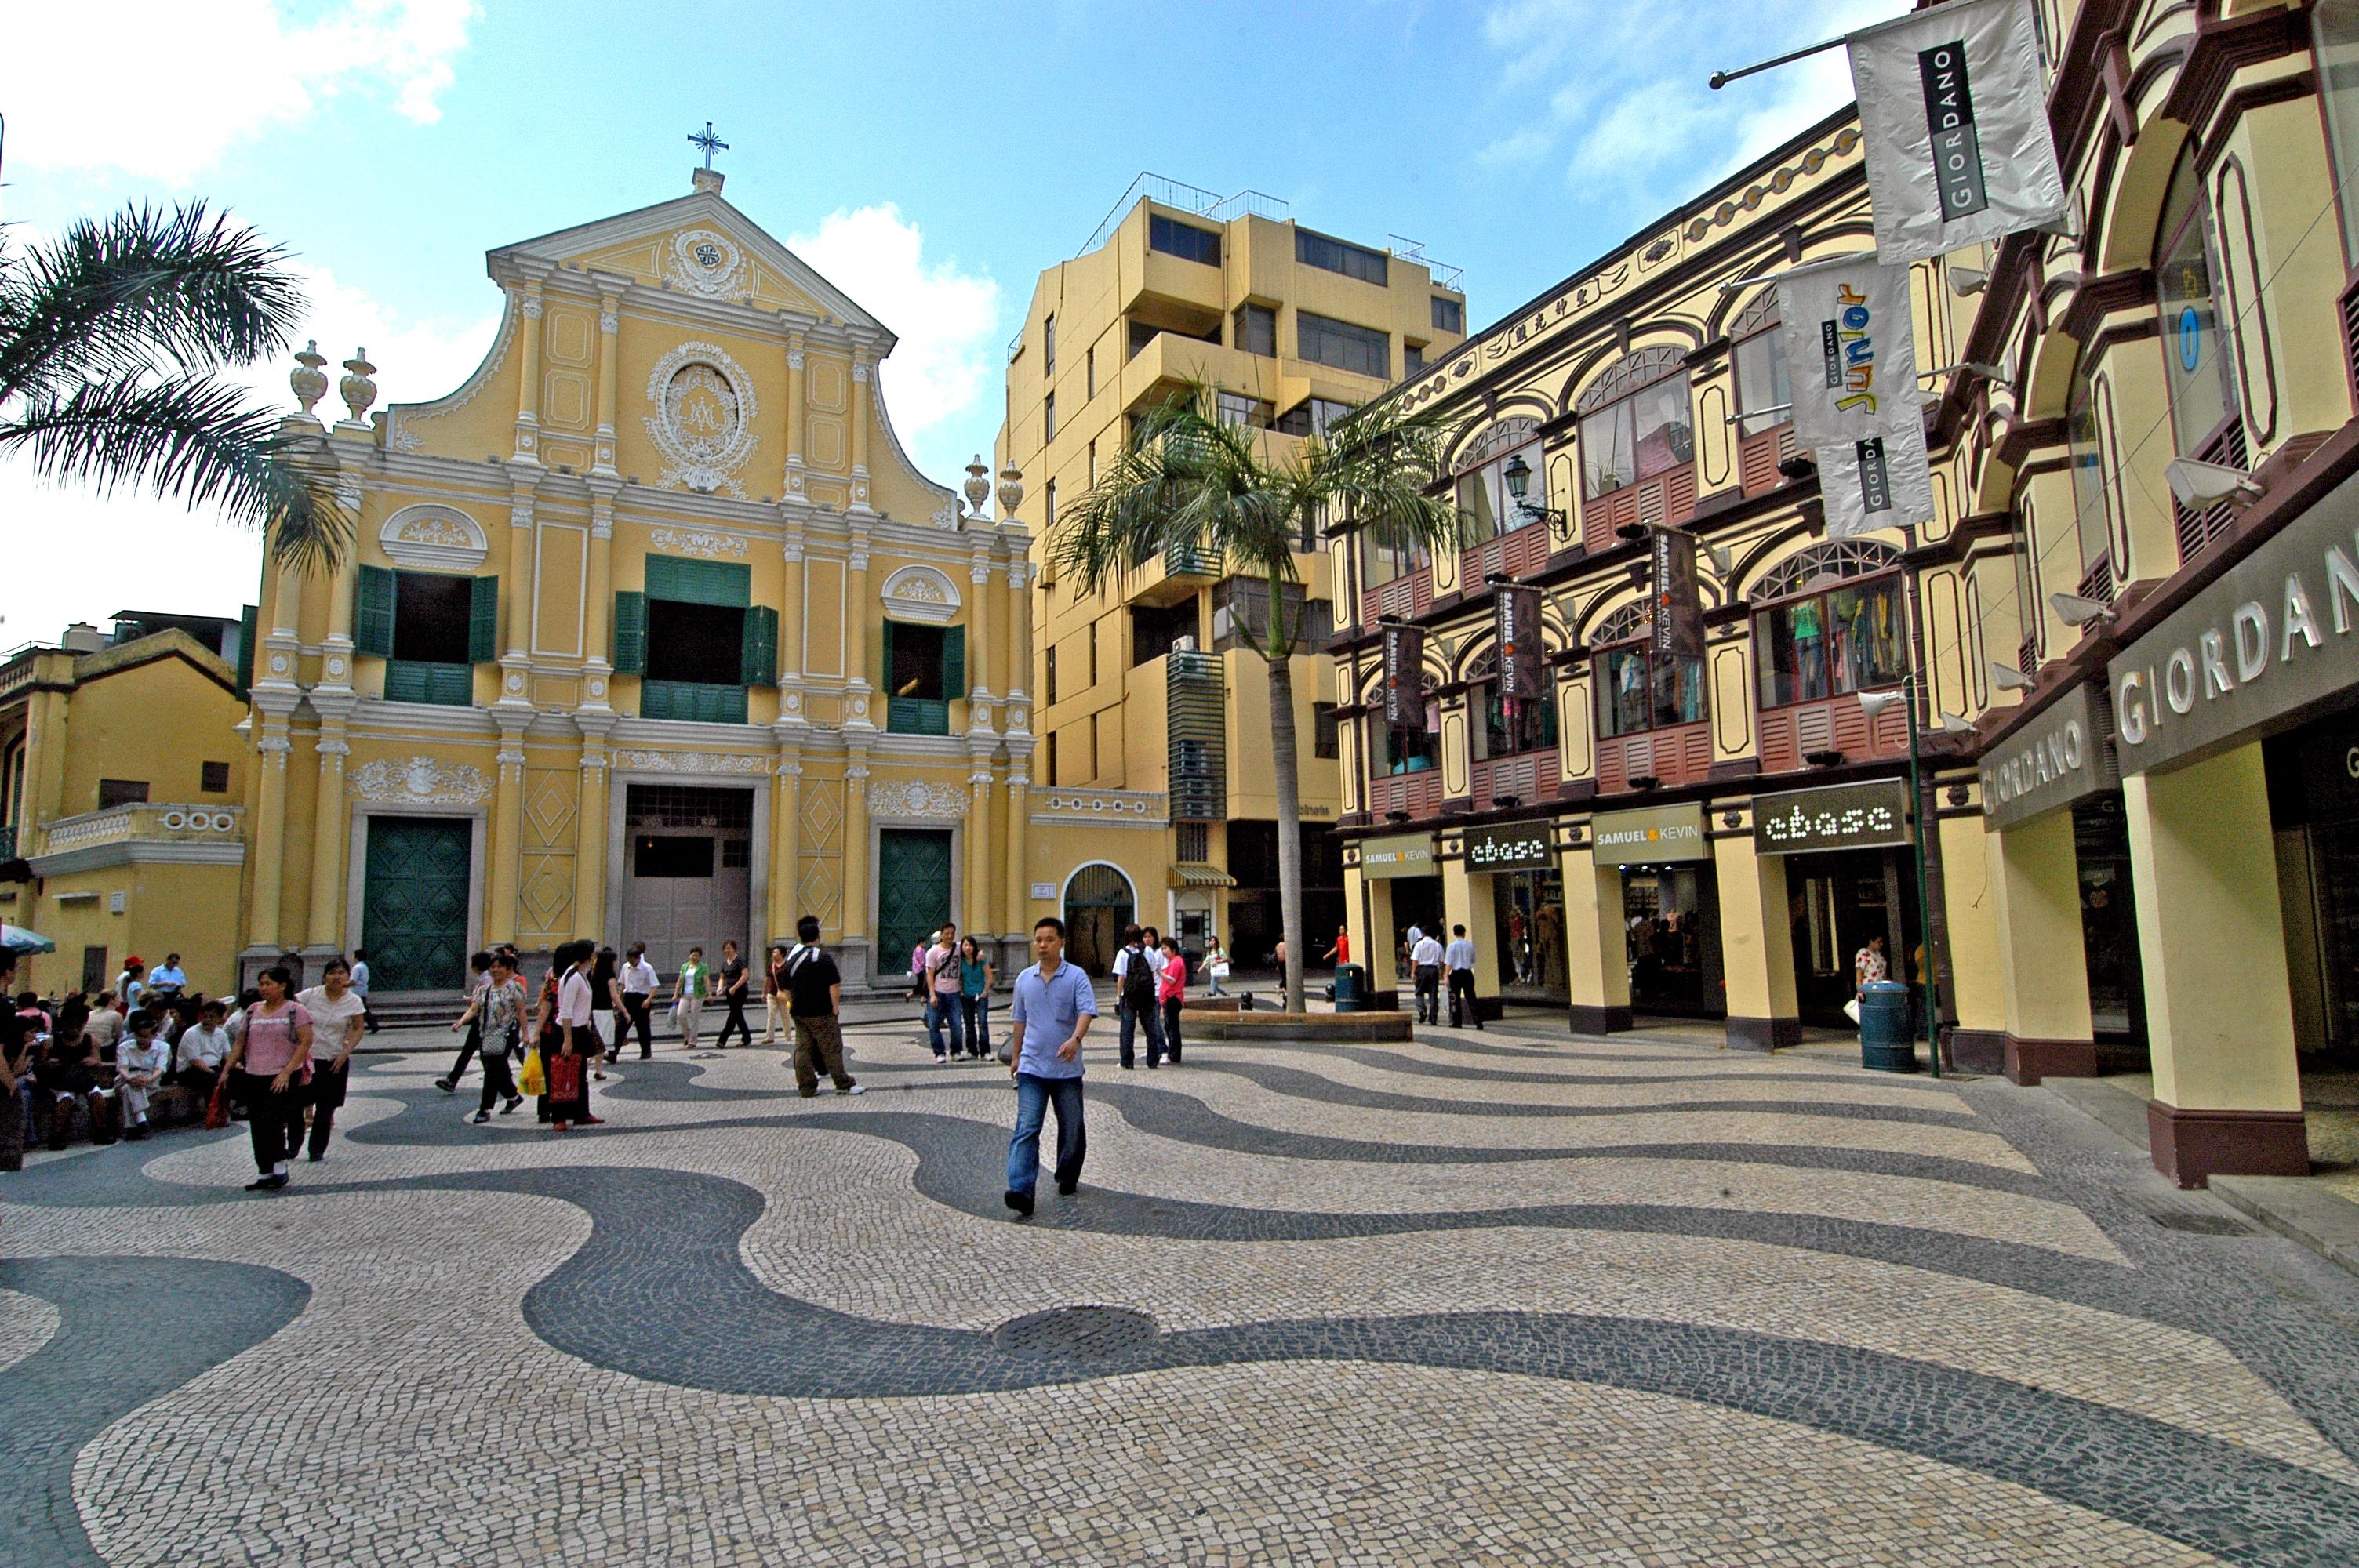 홍콩마카오 3박4일 여행 :: 야경과 쇼핑의 메카, 홍콩 자유여행 코스추천